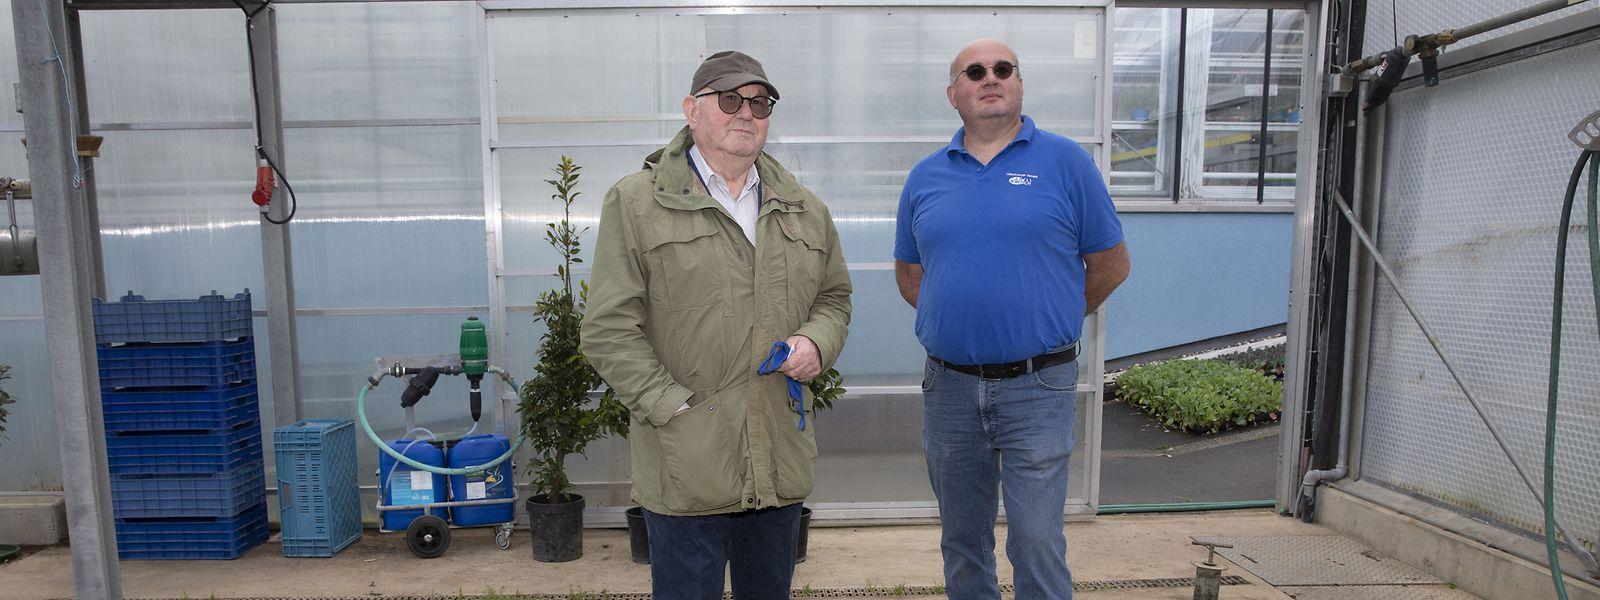 Die Gärtnerei Kirsch ist ein Familienbetrieb in fünfter Generation. Vater Niki (l.) hat das Geschäft 1967 von seinen Eltern übernommen. Sein Sohn Claude leitet es seit 2011.